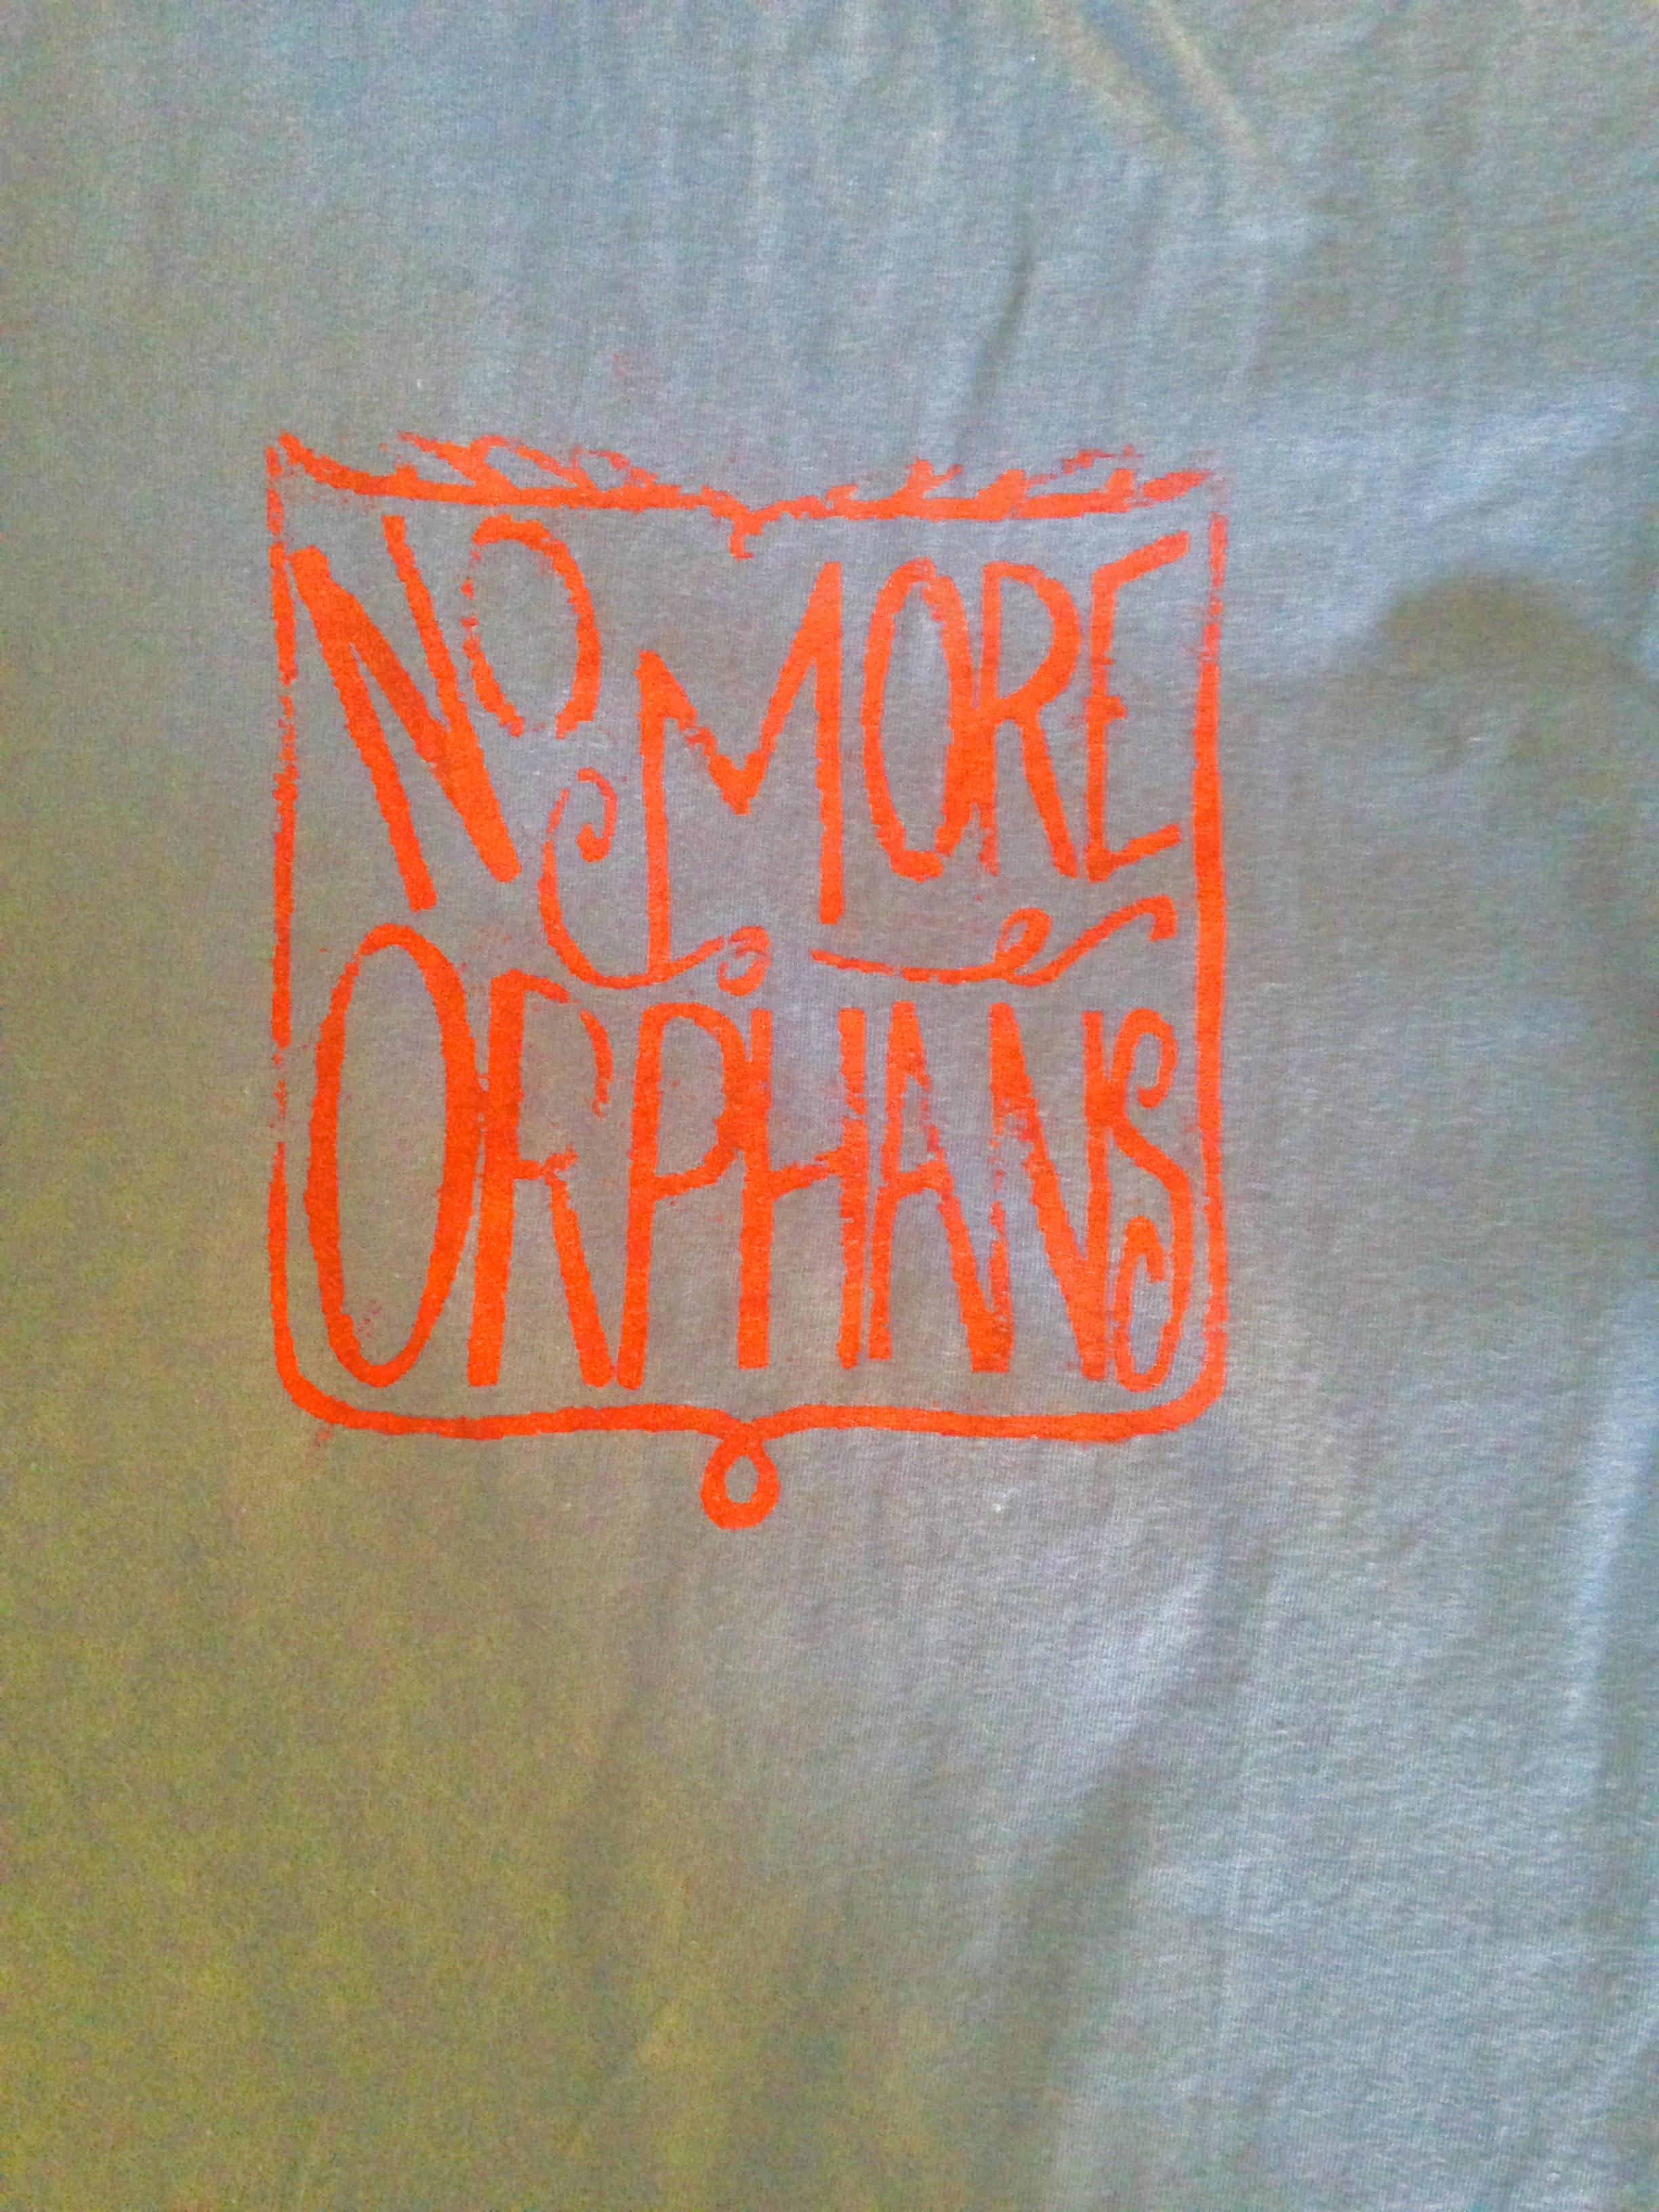 amie-longmire-no-more-orphans-t-shirt